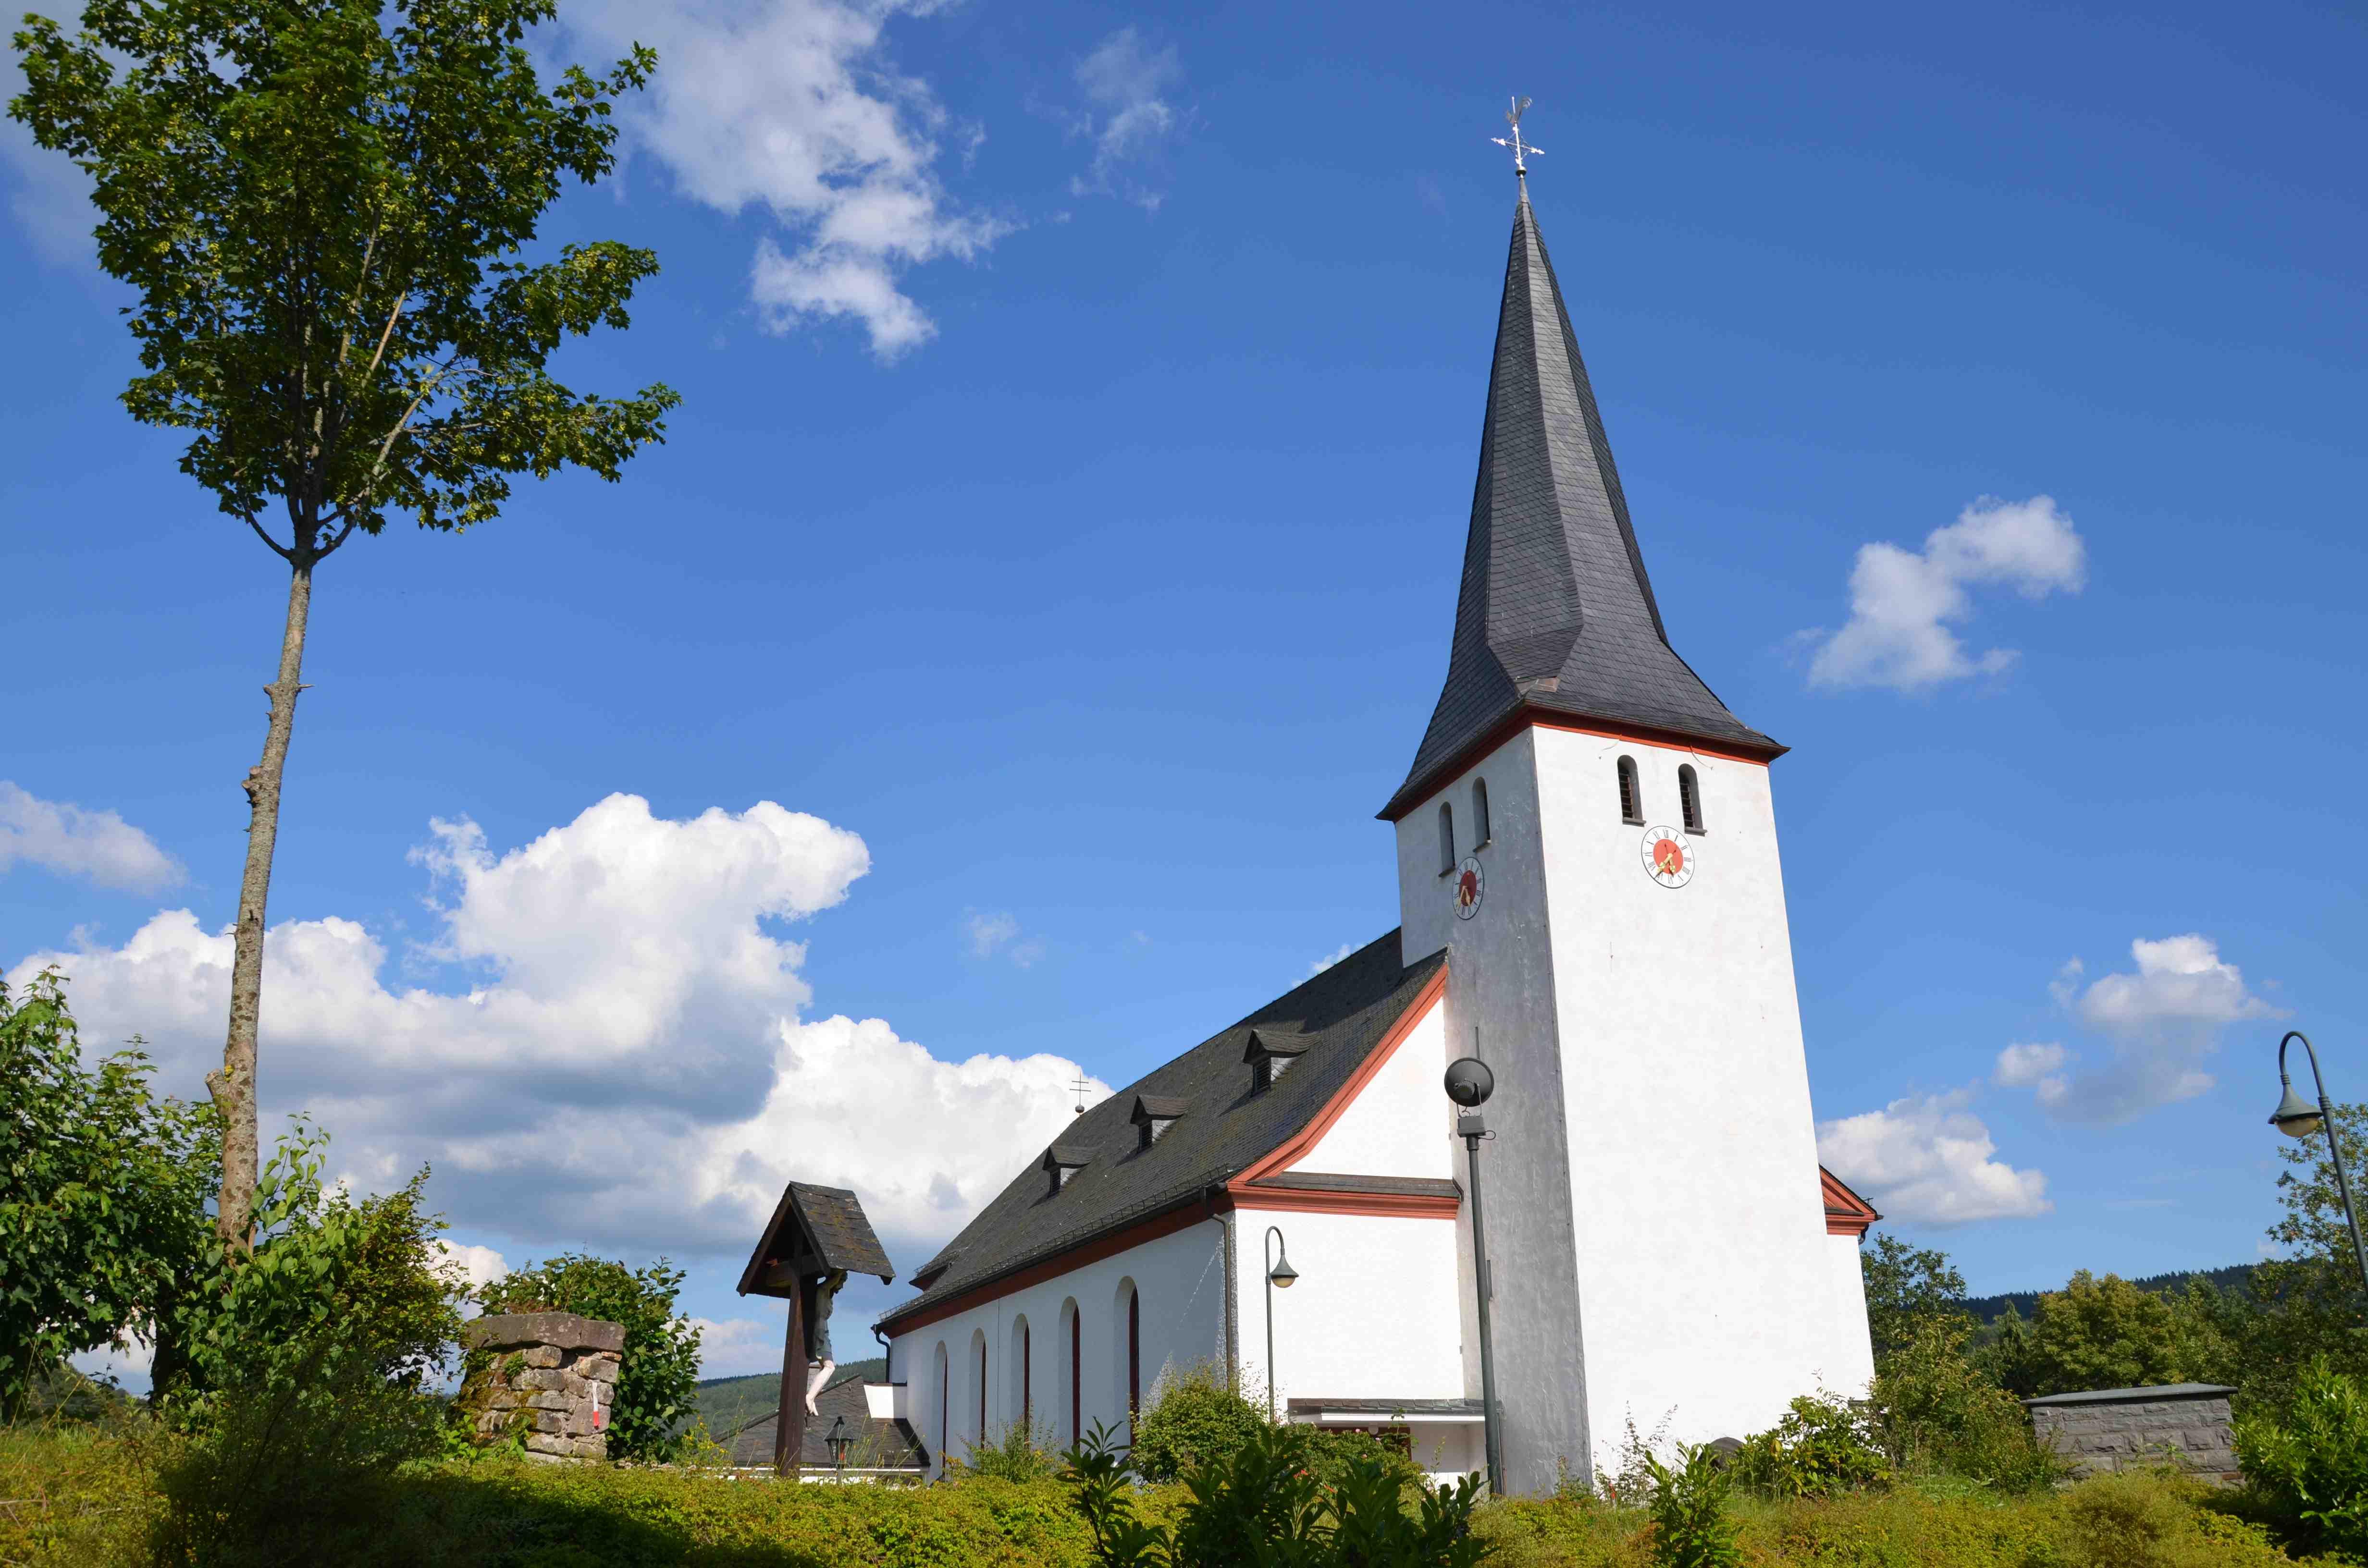 Pfarrkirche – St. Cäcilia Irmgarteichen